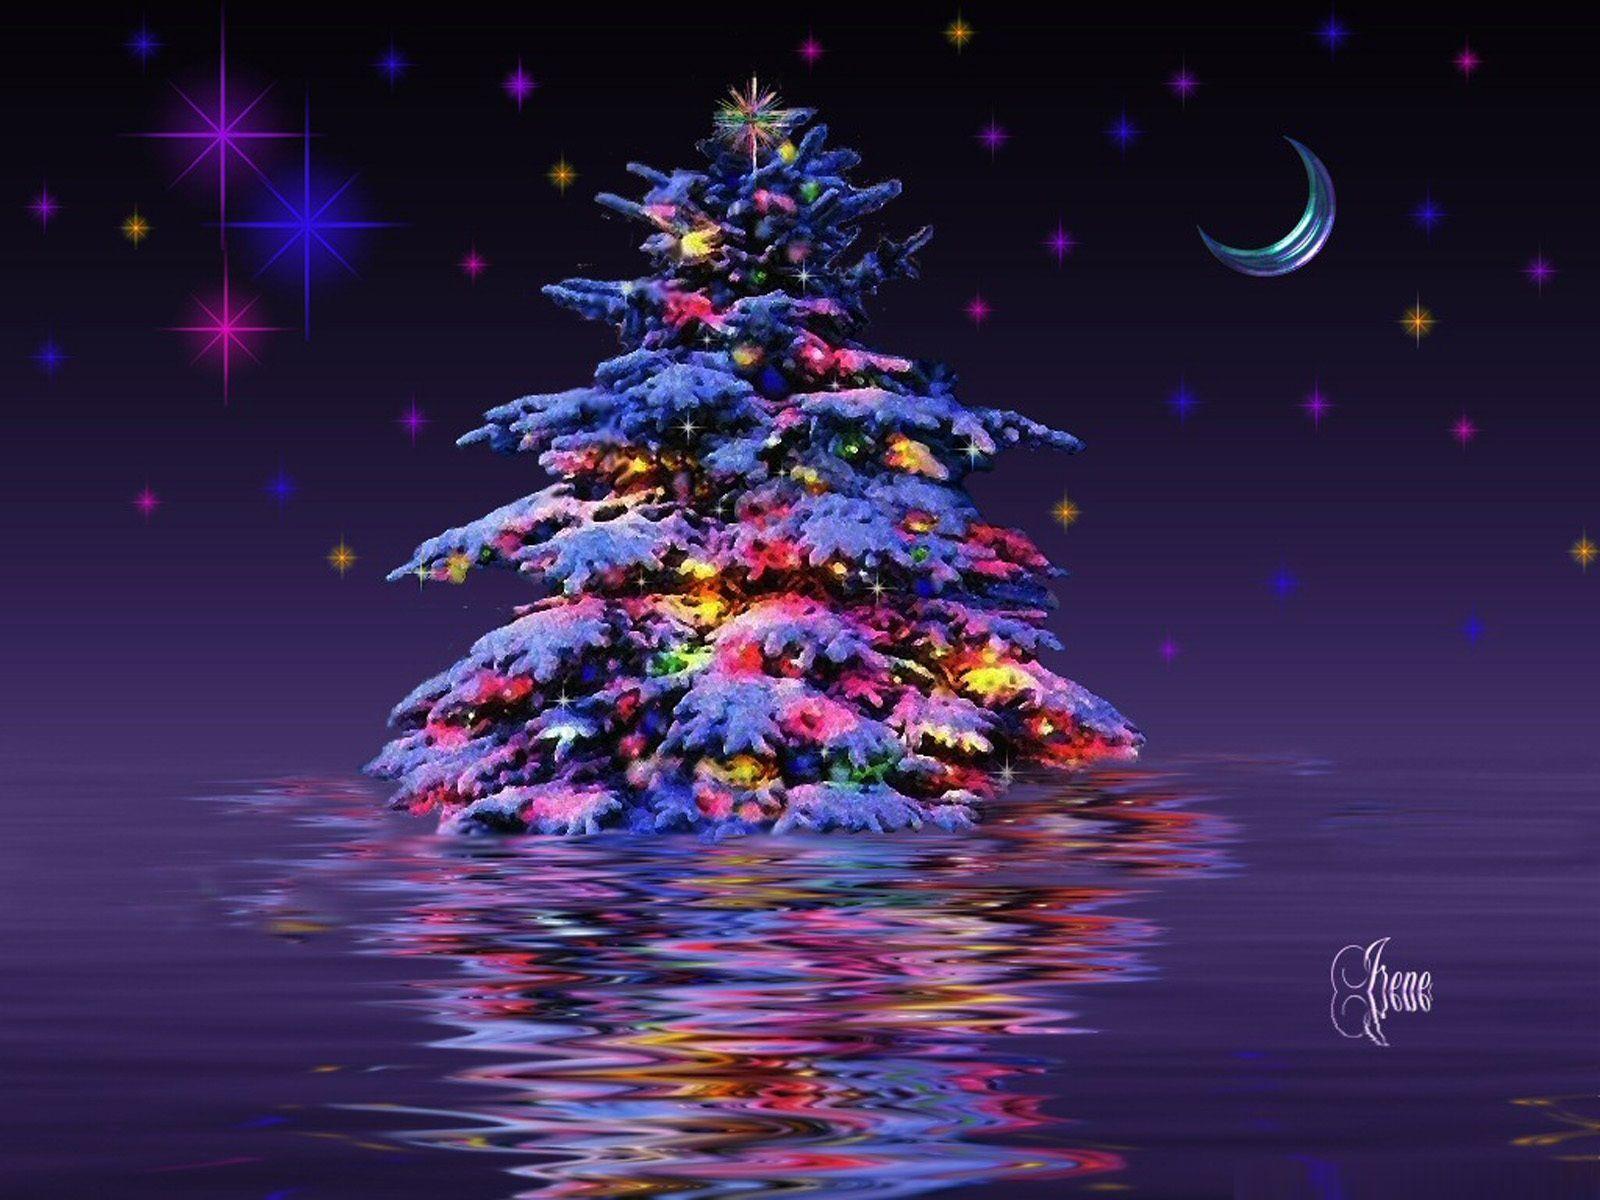 Live Wallpaper Weihnachten.3d Christmas Backgrounds Wallpaper Cave